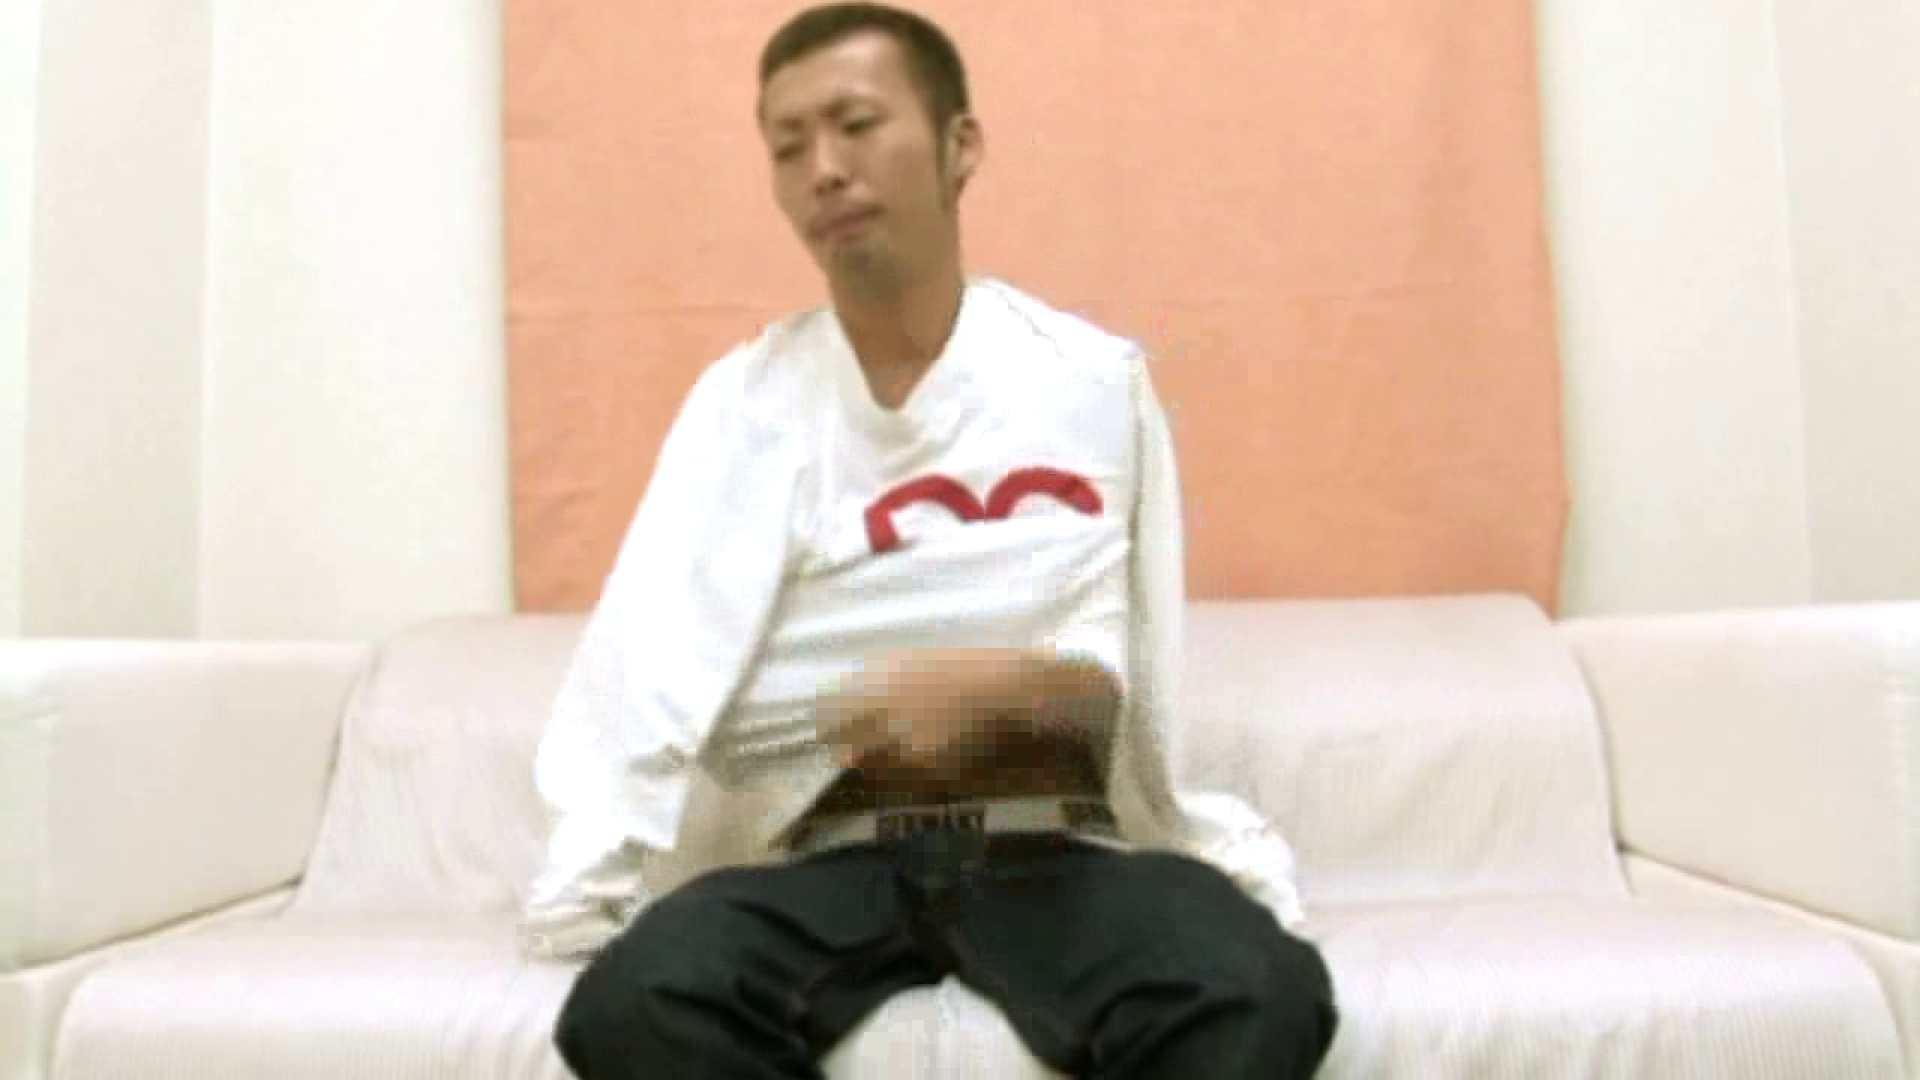 ノンケ!自慰スタジオ No.11 オナニー アダルトビデオ画像キャプチャ 88枚 43